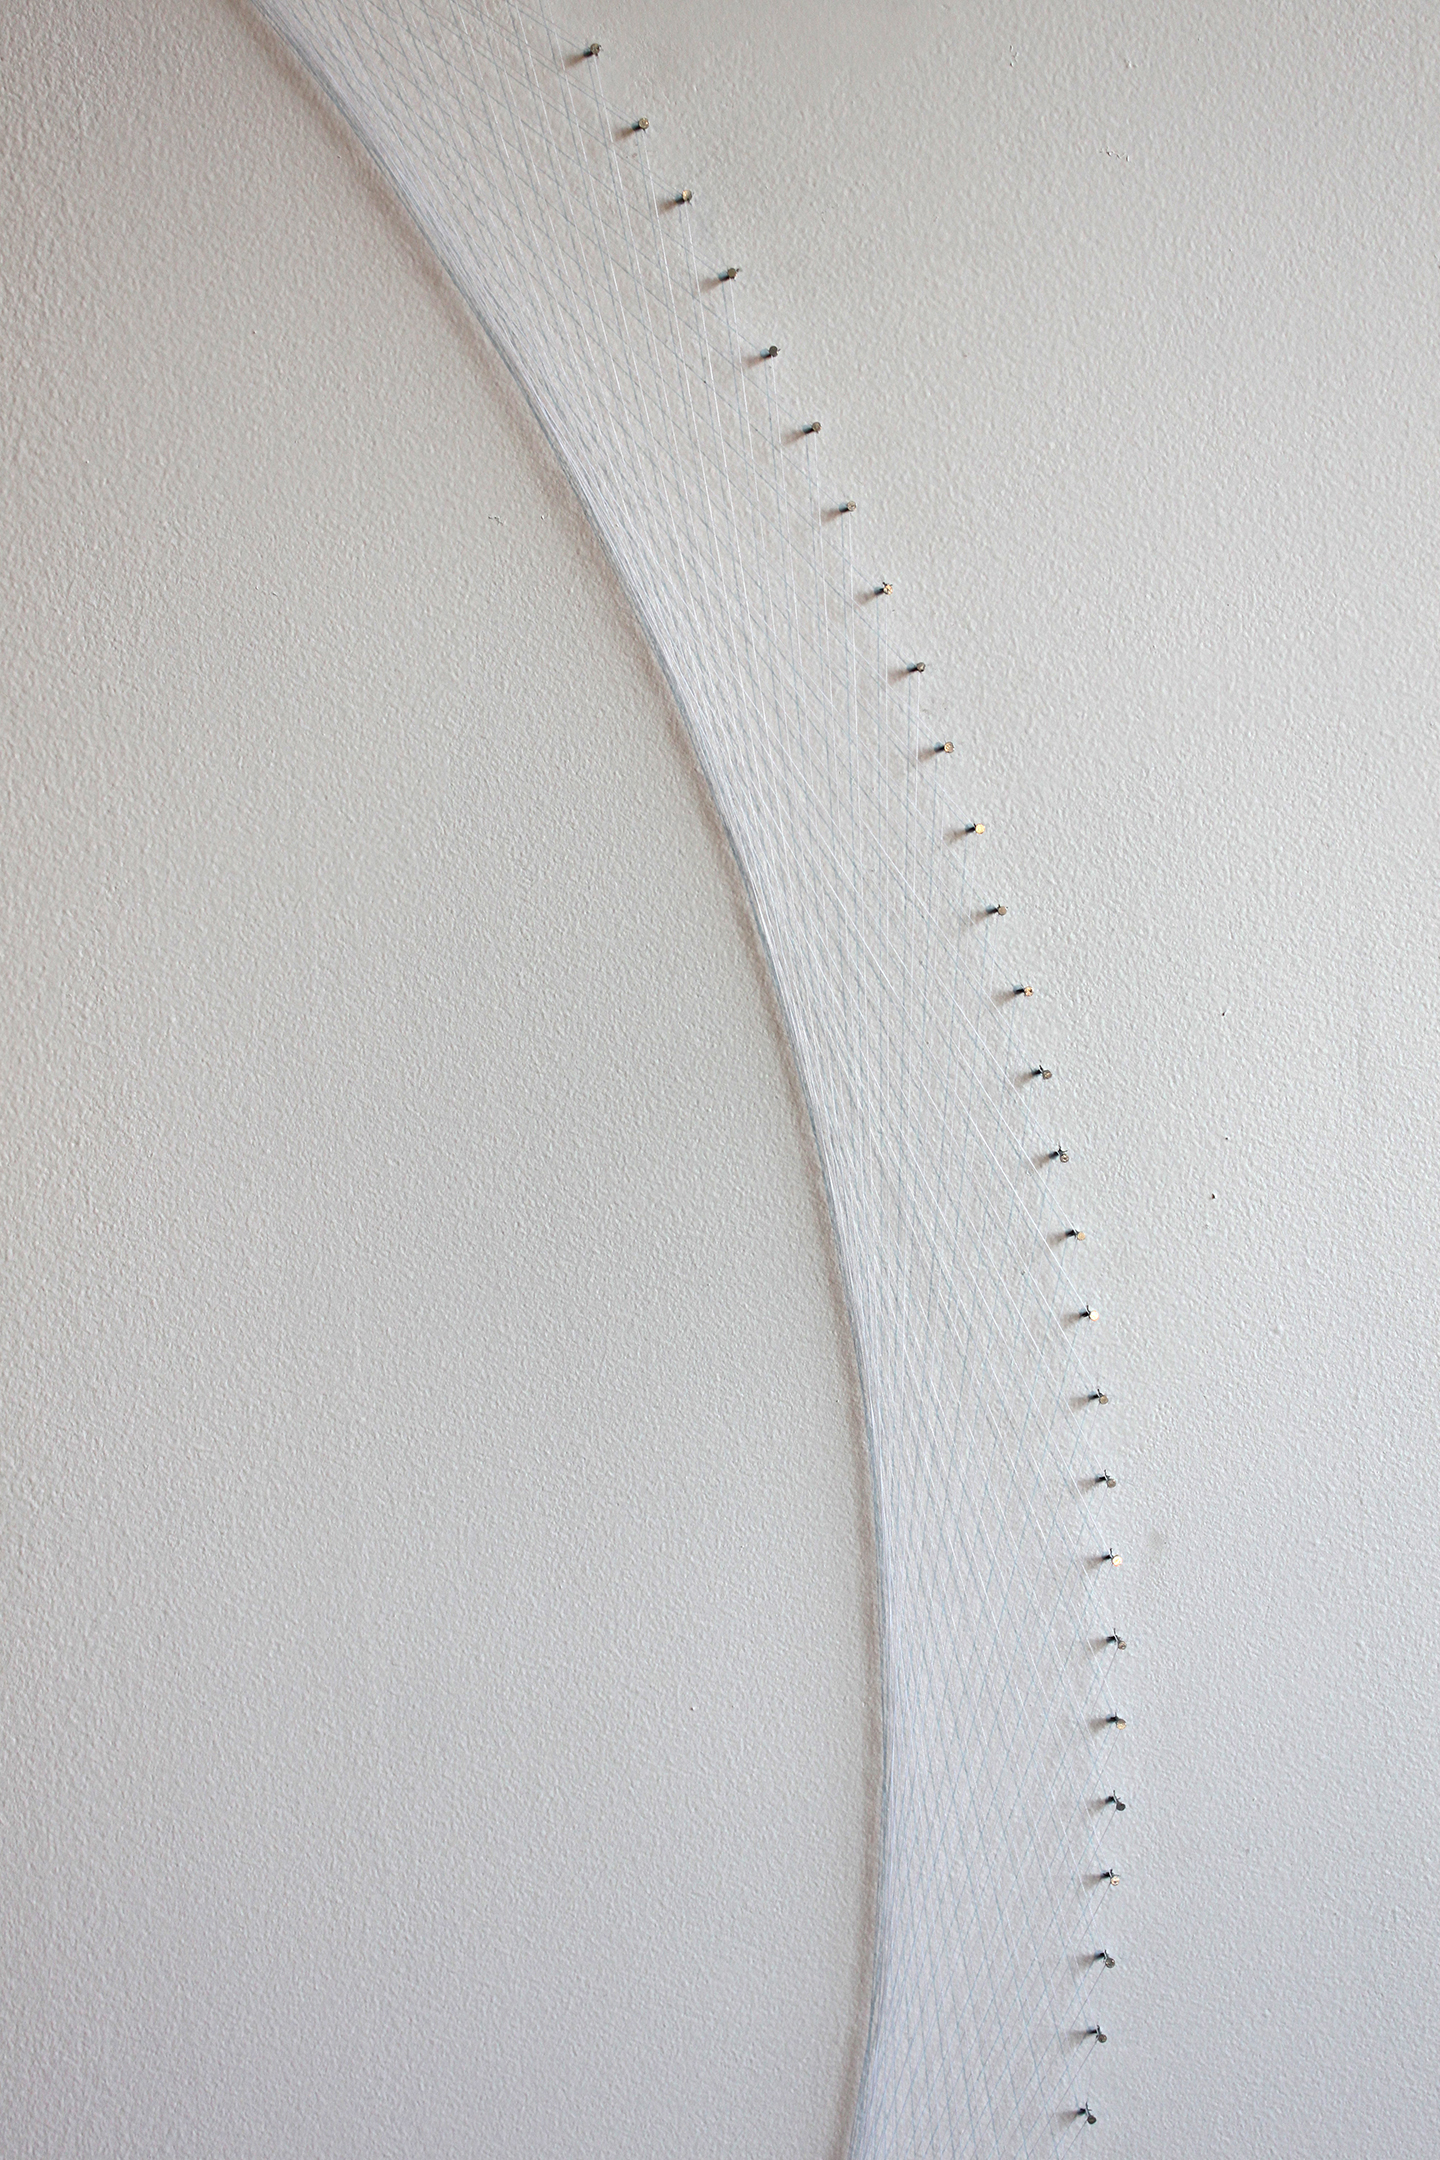 White Hex (detail).jpg